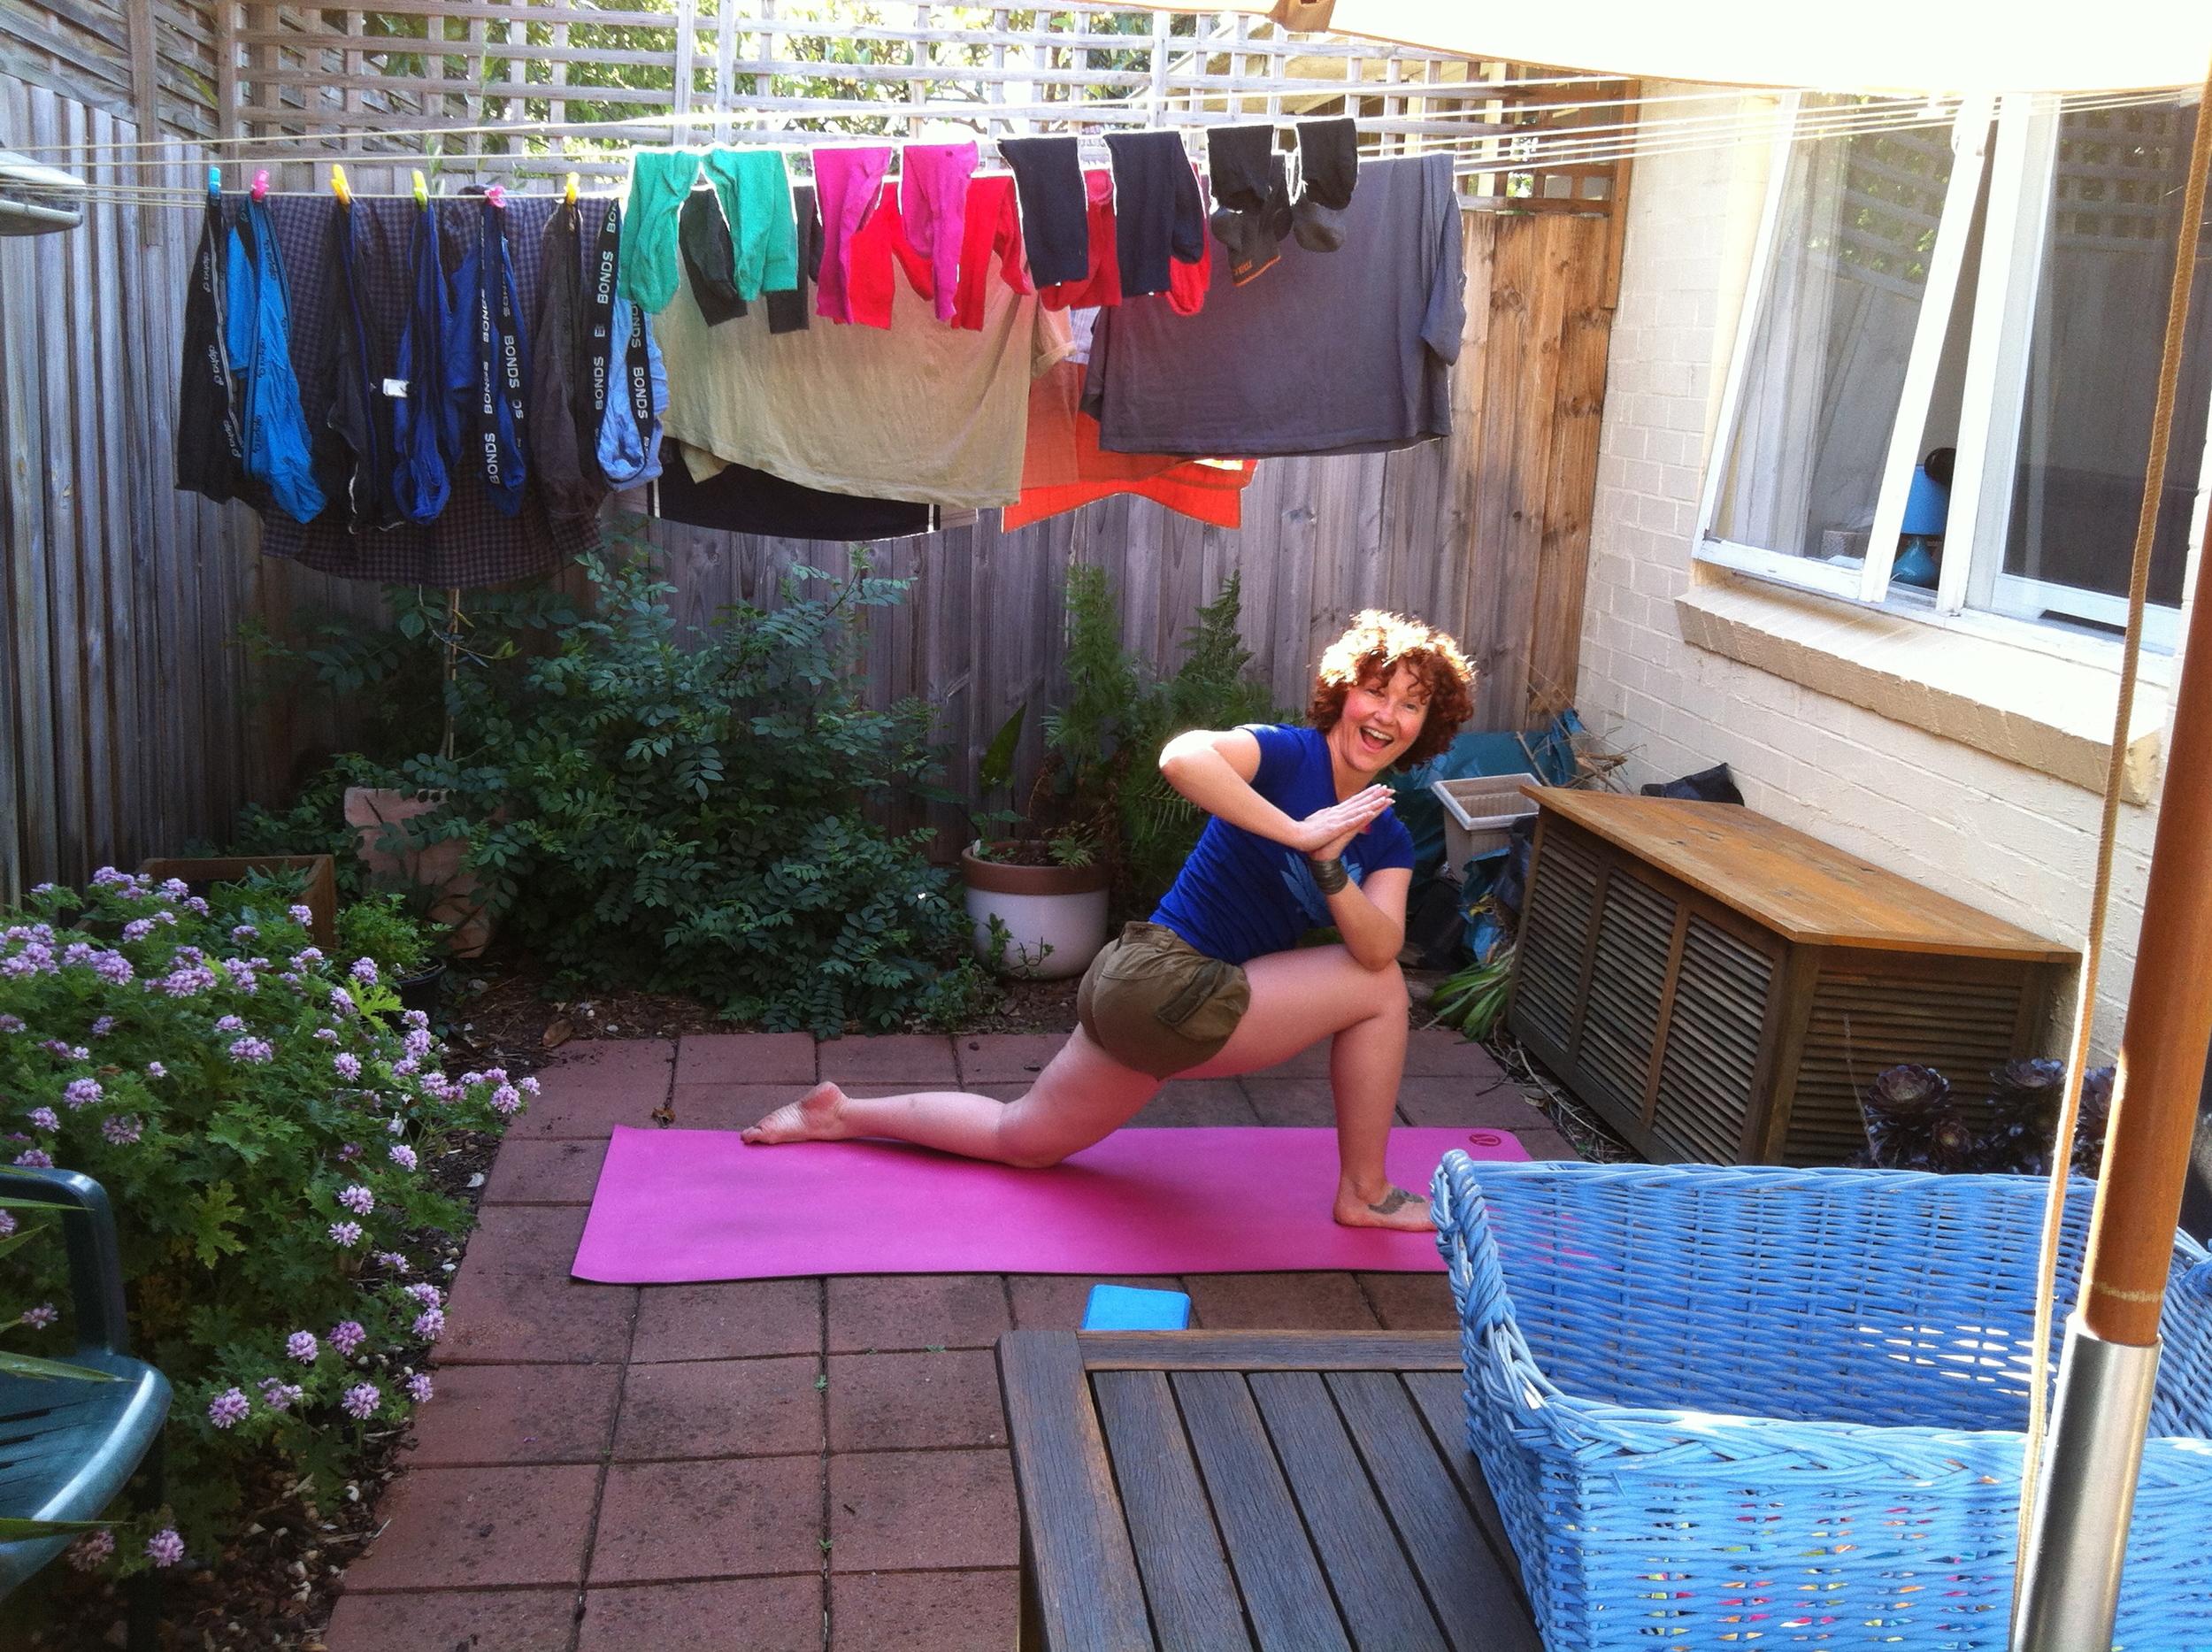 Parsvakonasana parivrtti. Yoga can happen anywhere!